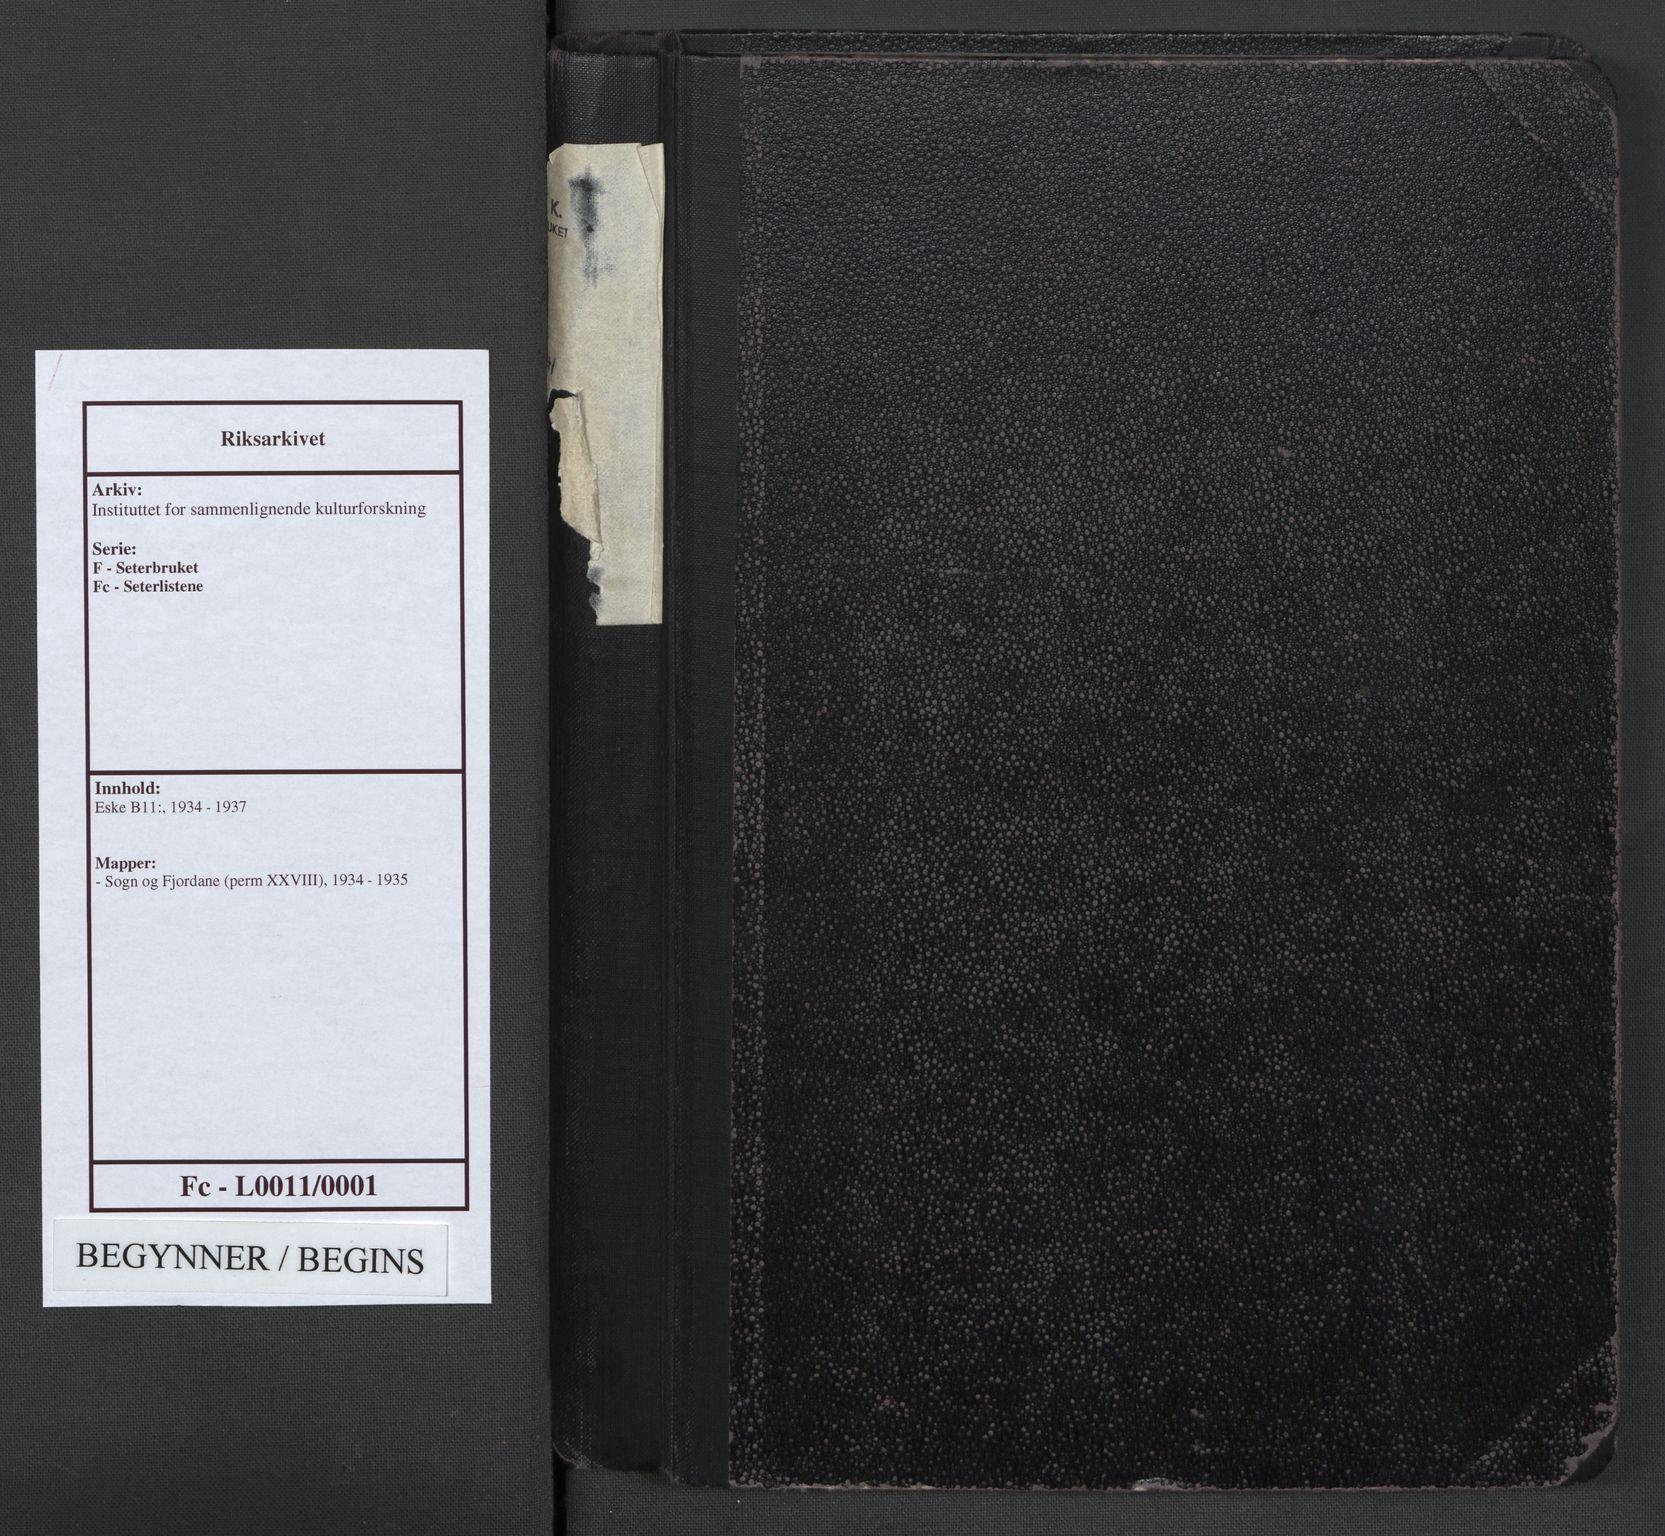 RA, Instituttet for sammenlignende kulturforskning, F/Fc/L0011: Eske B11:, 1934-1935, s. upaginert